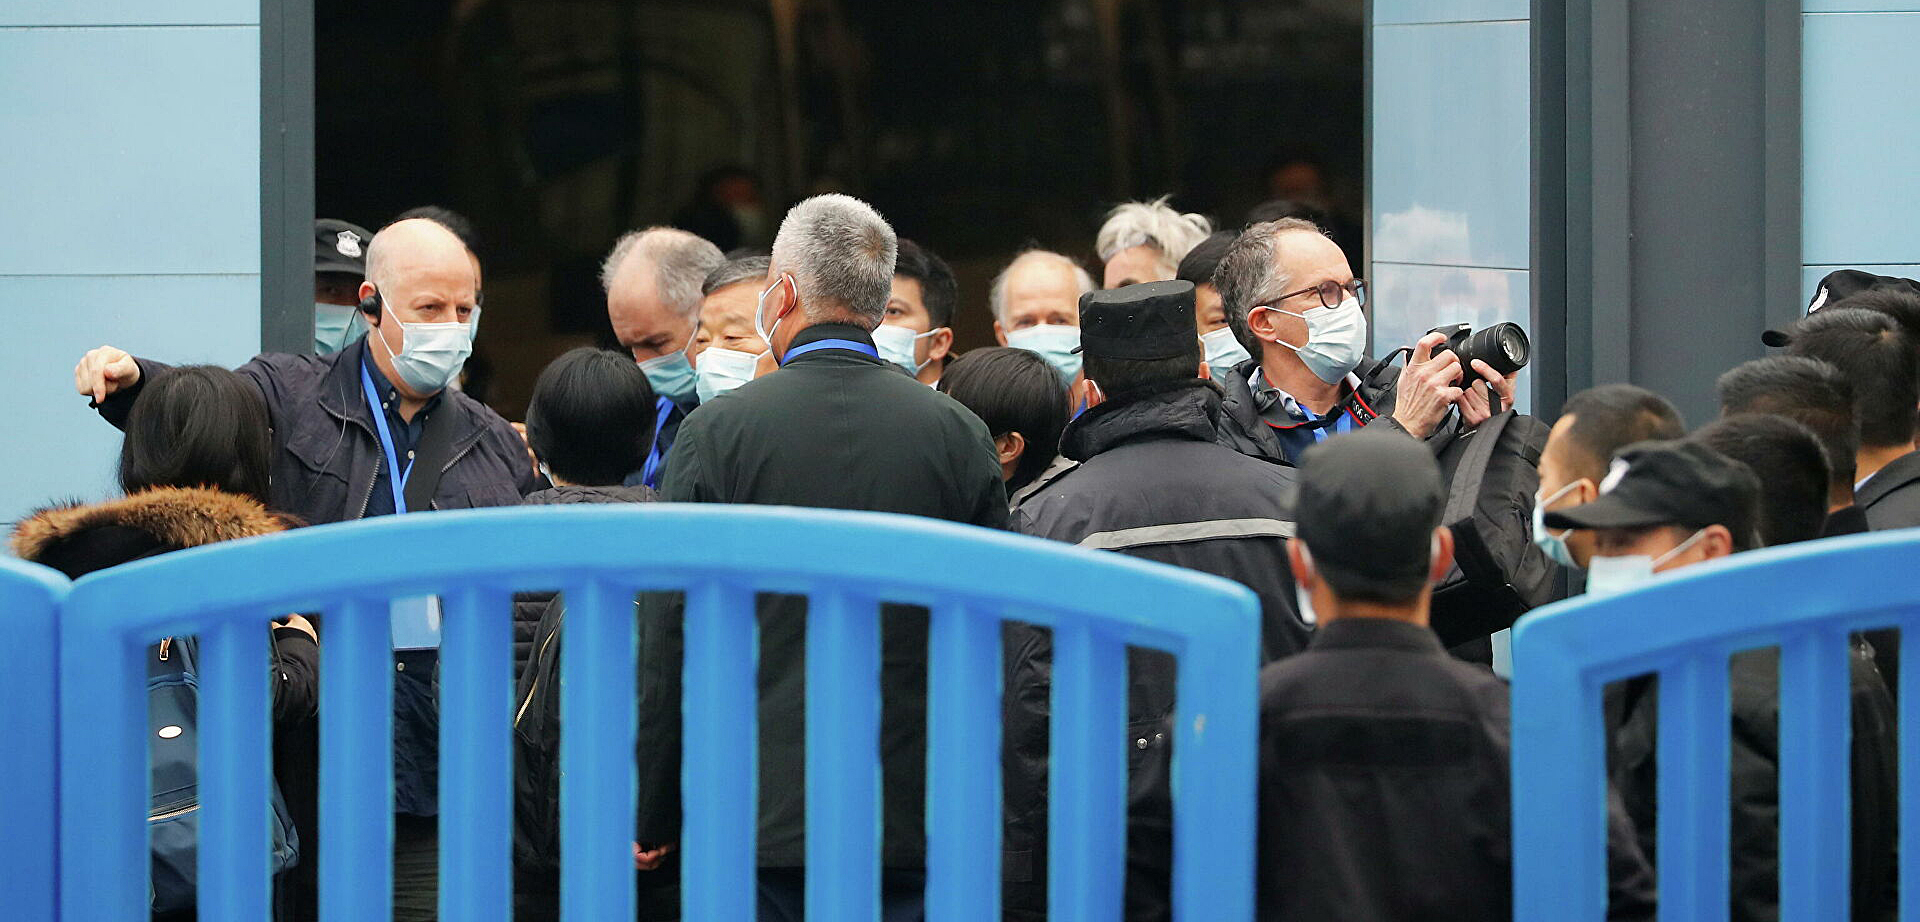 Пандемия 11 февраля: в России, в Ставропольском крае и в мире